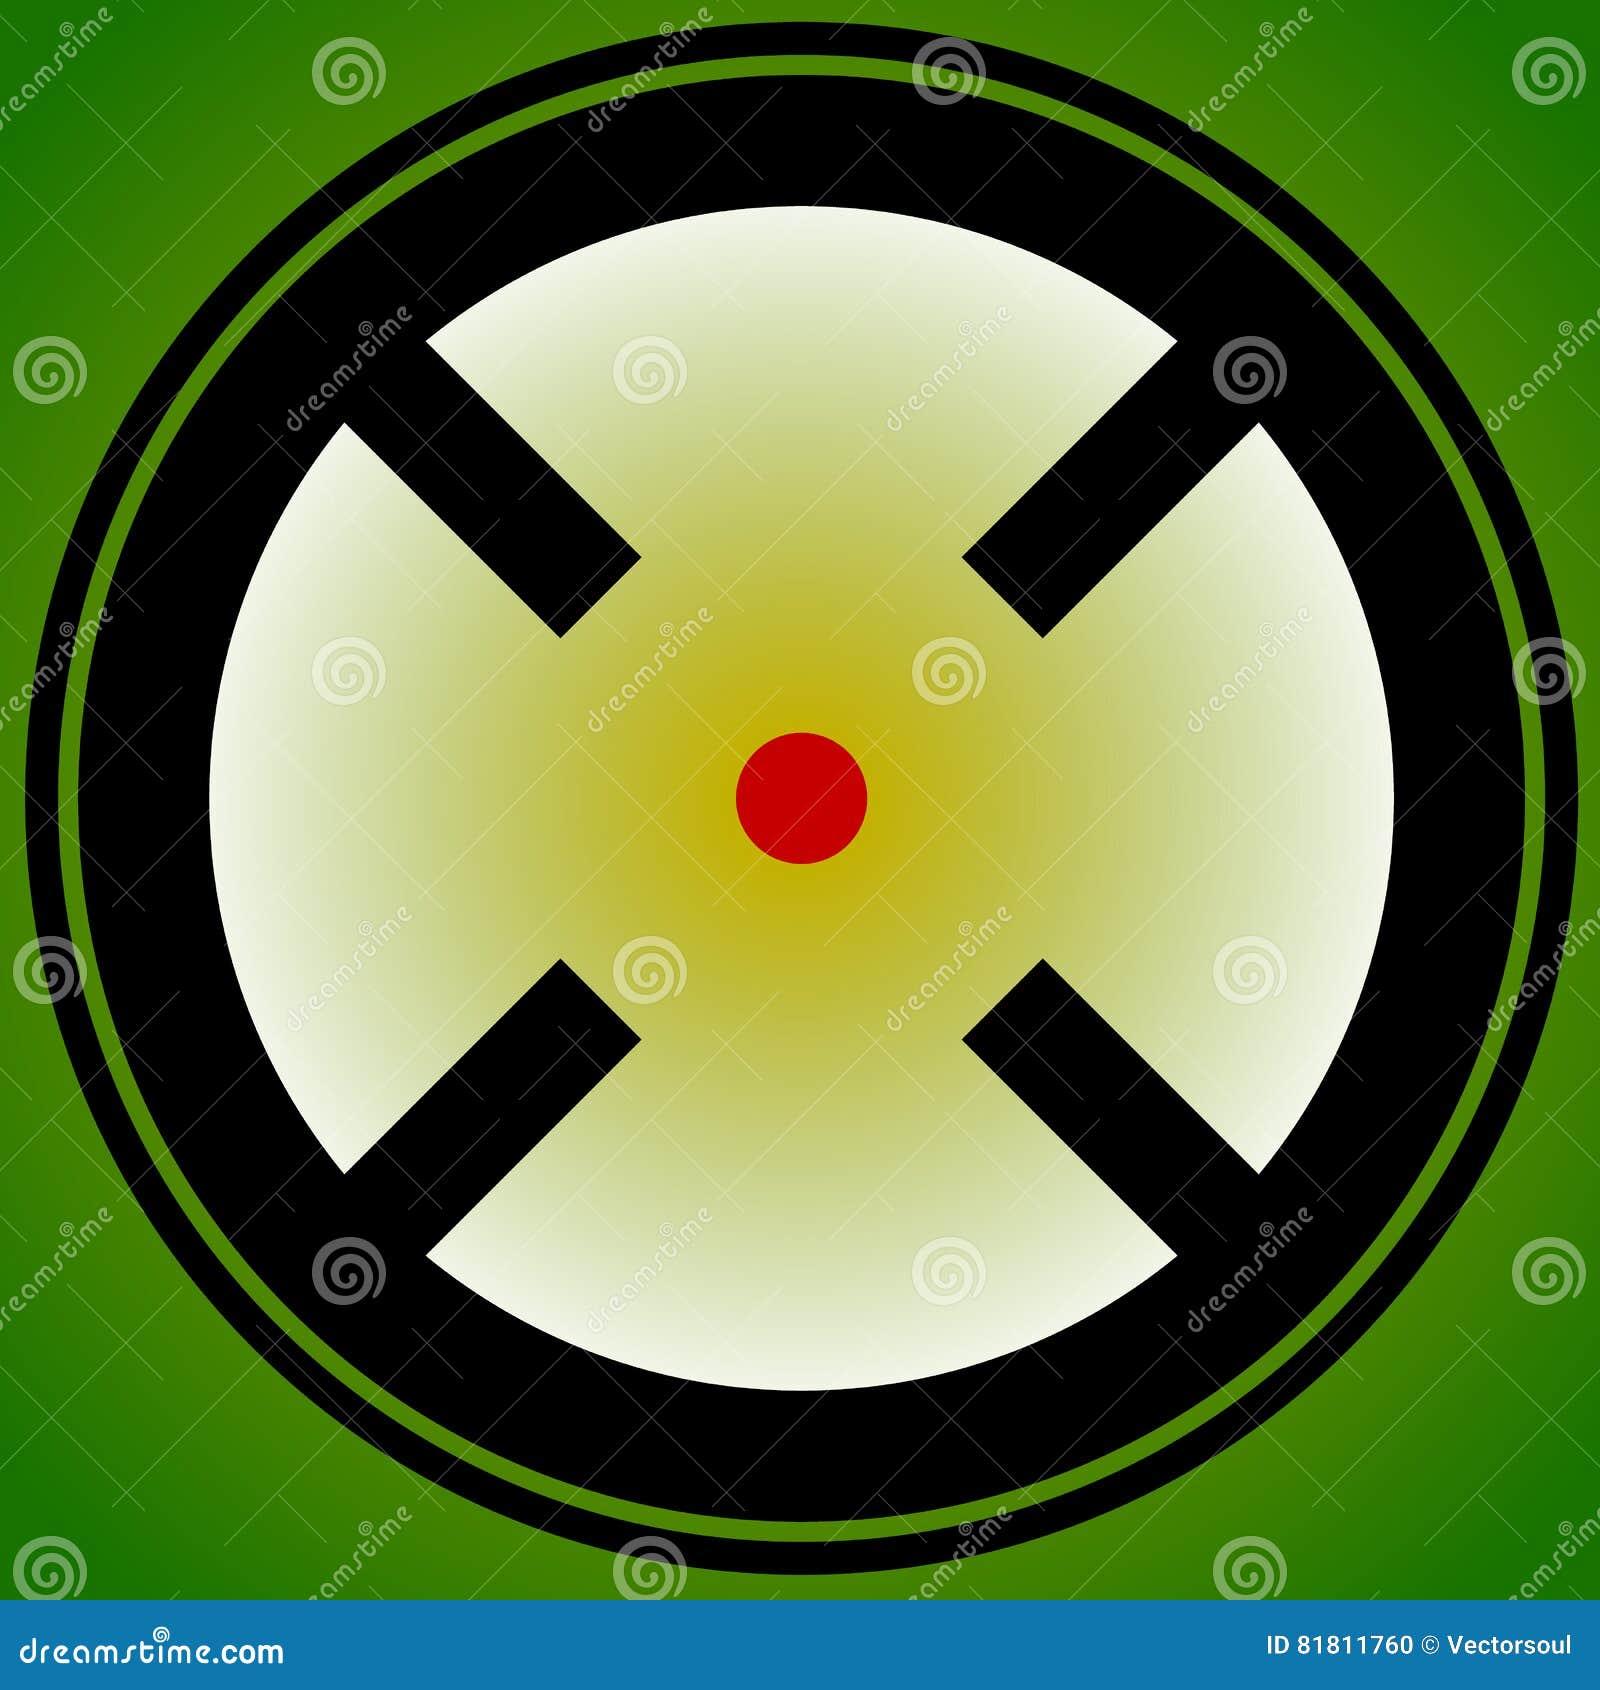 Miri al segno, il reticolo, icona del crosshair per il fuoco, l accuratezza, obiettivo